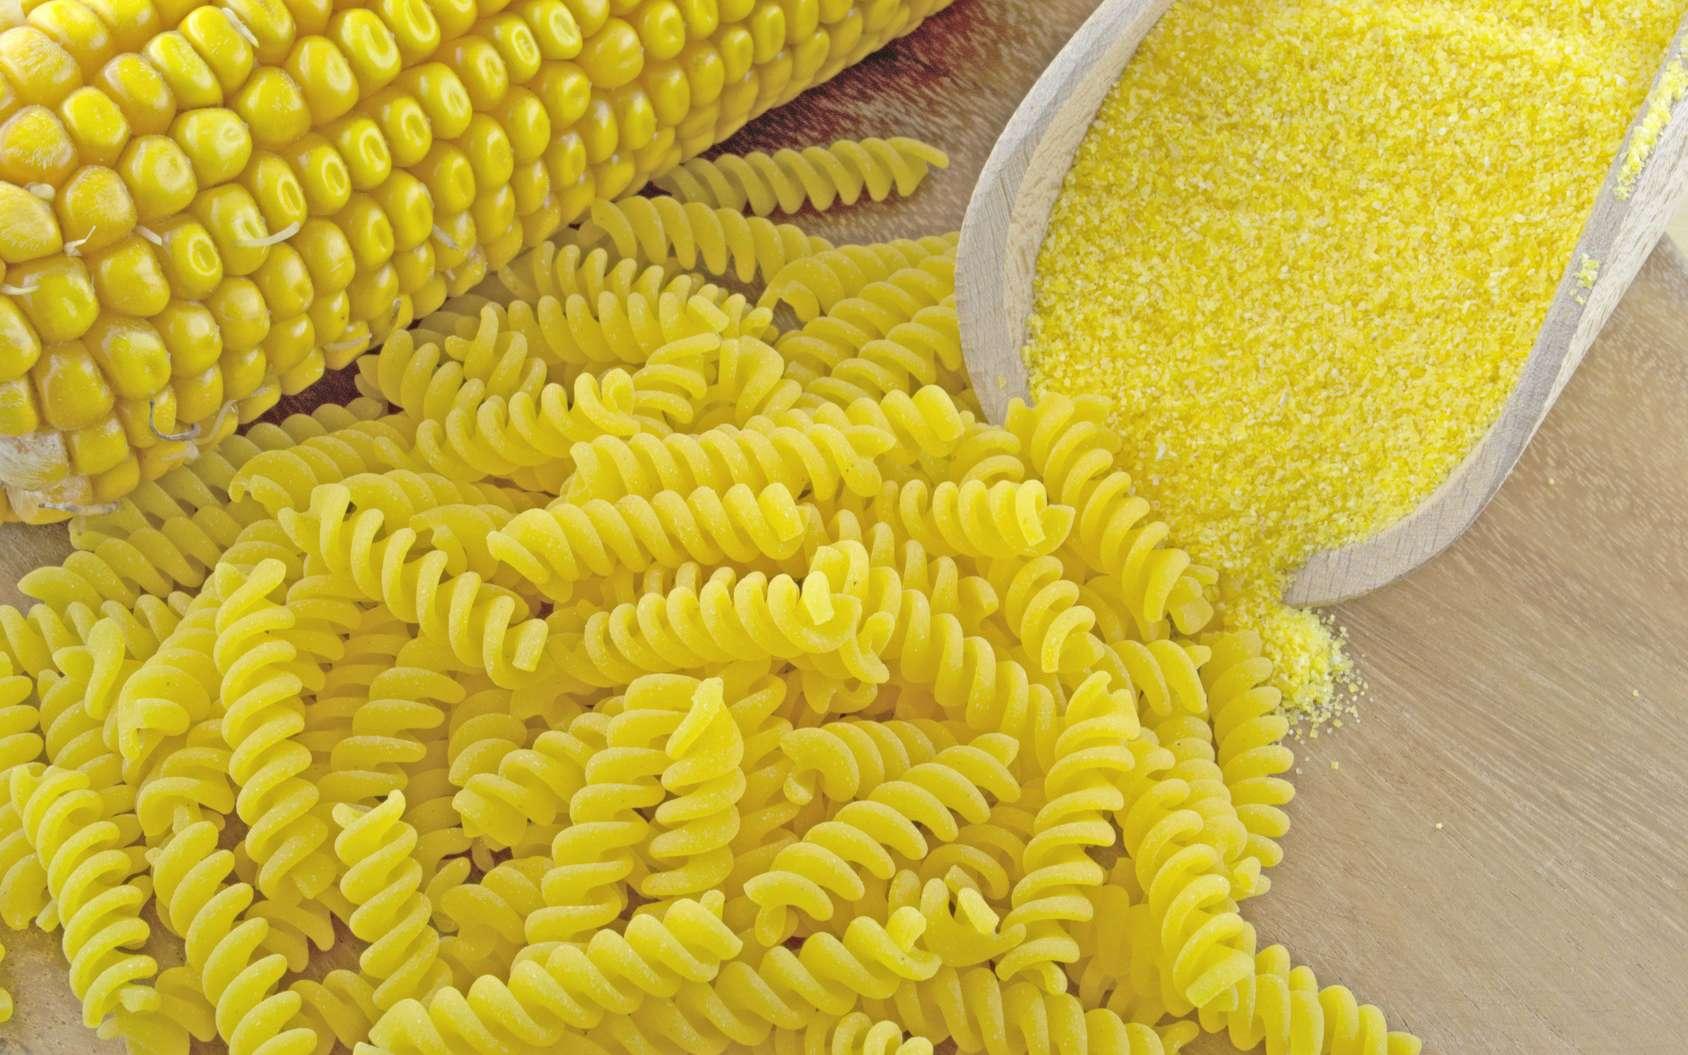 Les produits sans gluten s'avèrent bien moins sains pour la santé que leurs homologues classiques. © fusolino/Fotolia